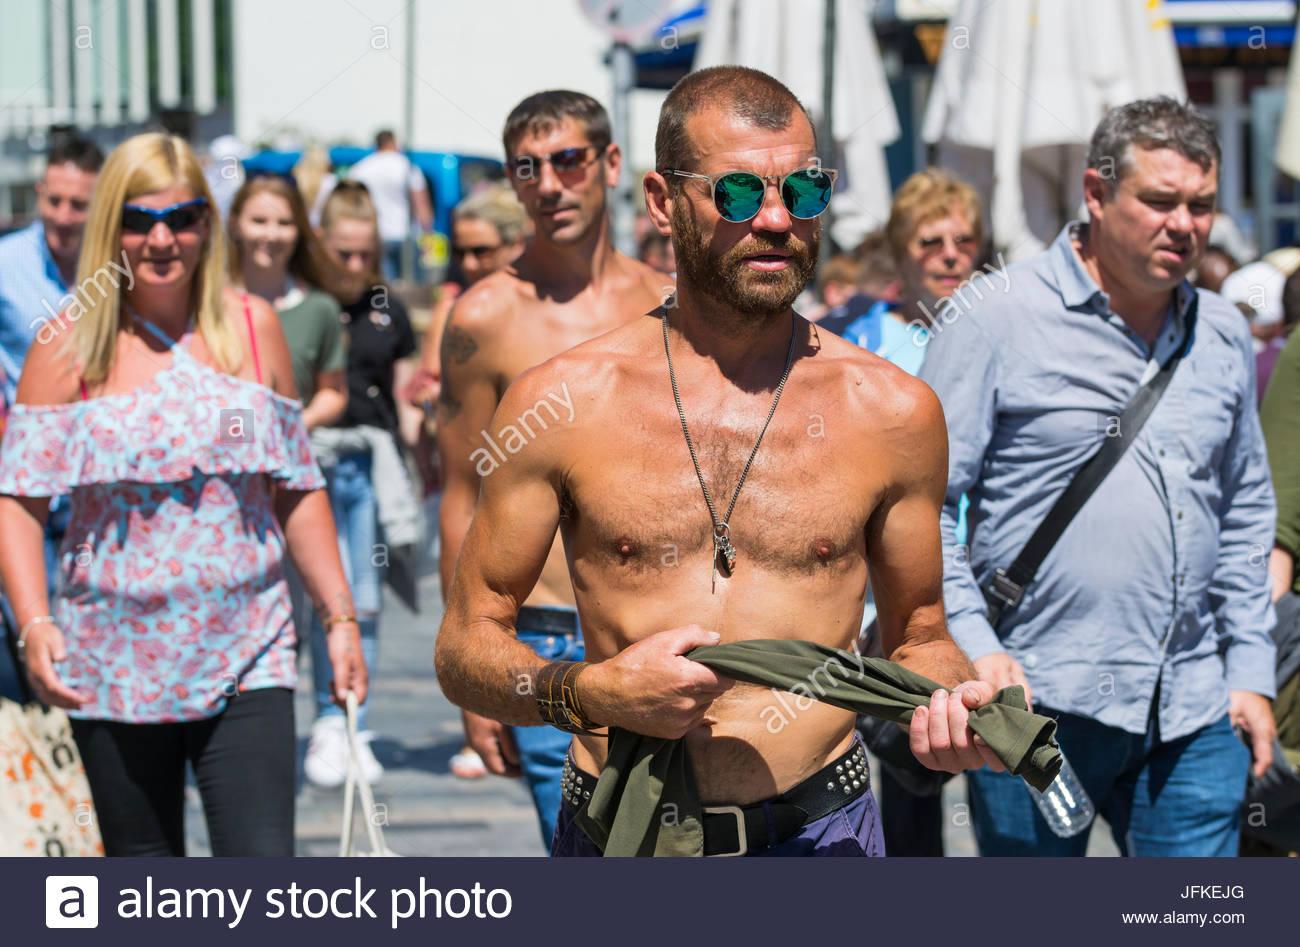 L'homme musclé torse nu peut-être dans la trentaine portant des lunettes de marcher dans une rue animée Photo Stock